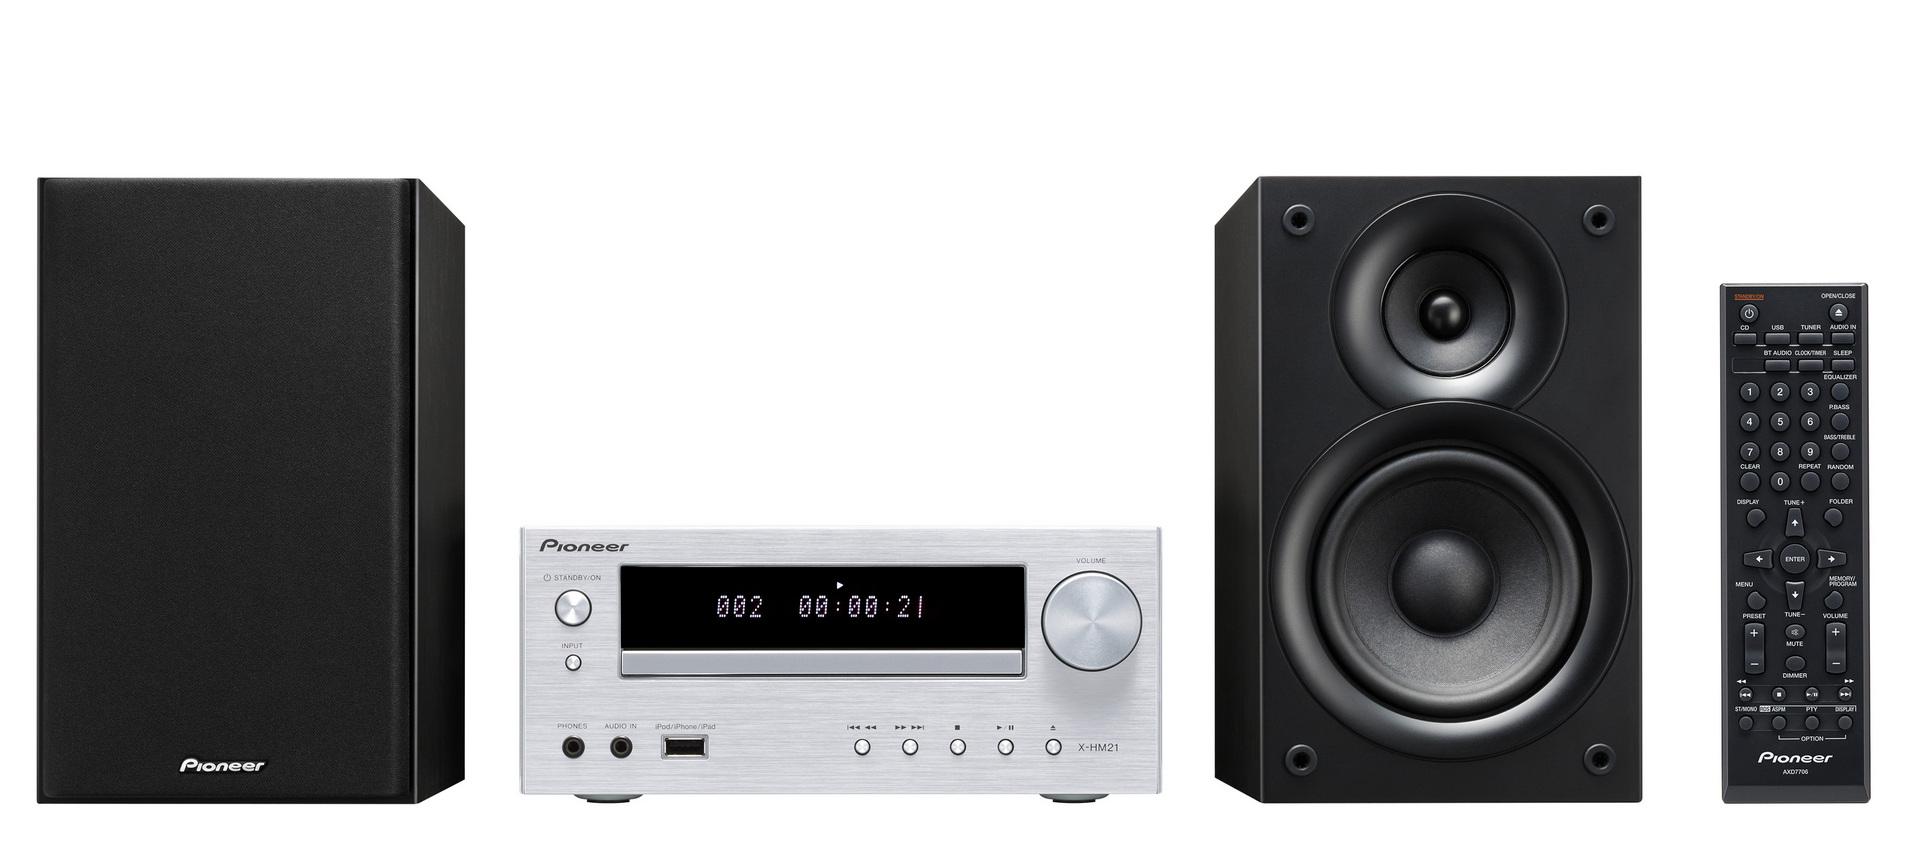 Pioneer X-HM21-S - miniaturowy zestaw stereo z podstawk� dla iPod